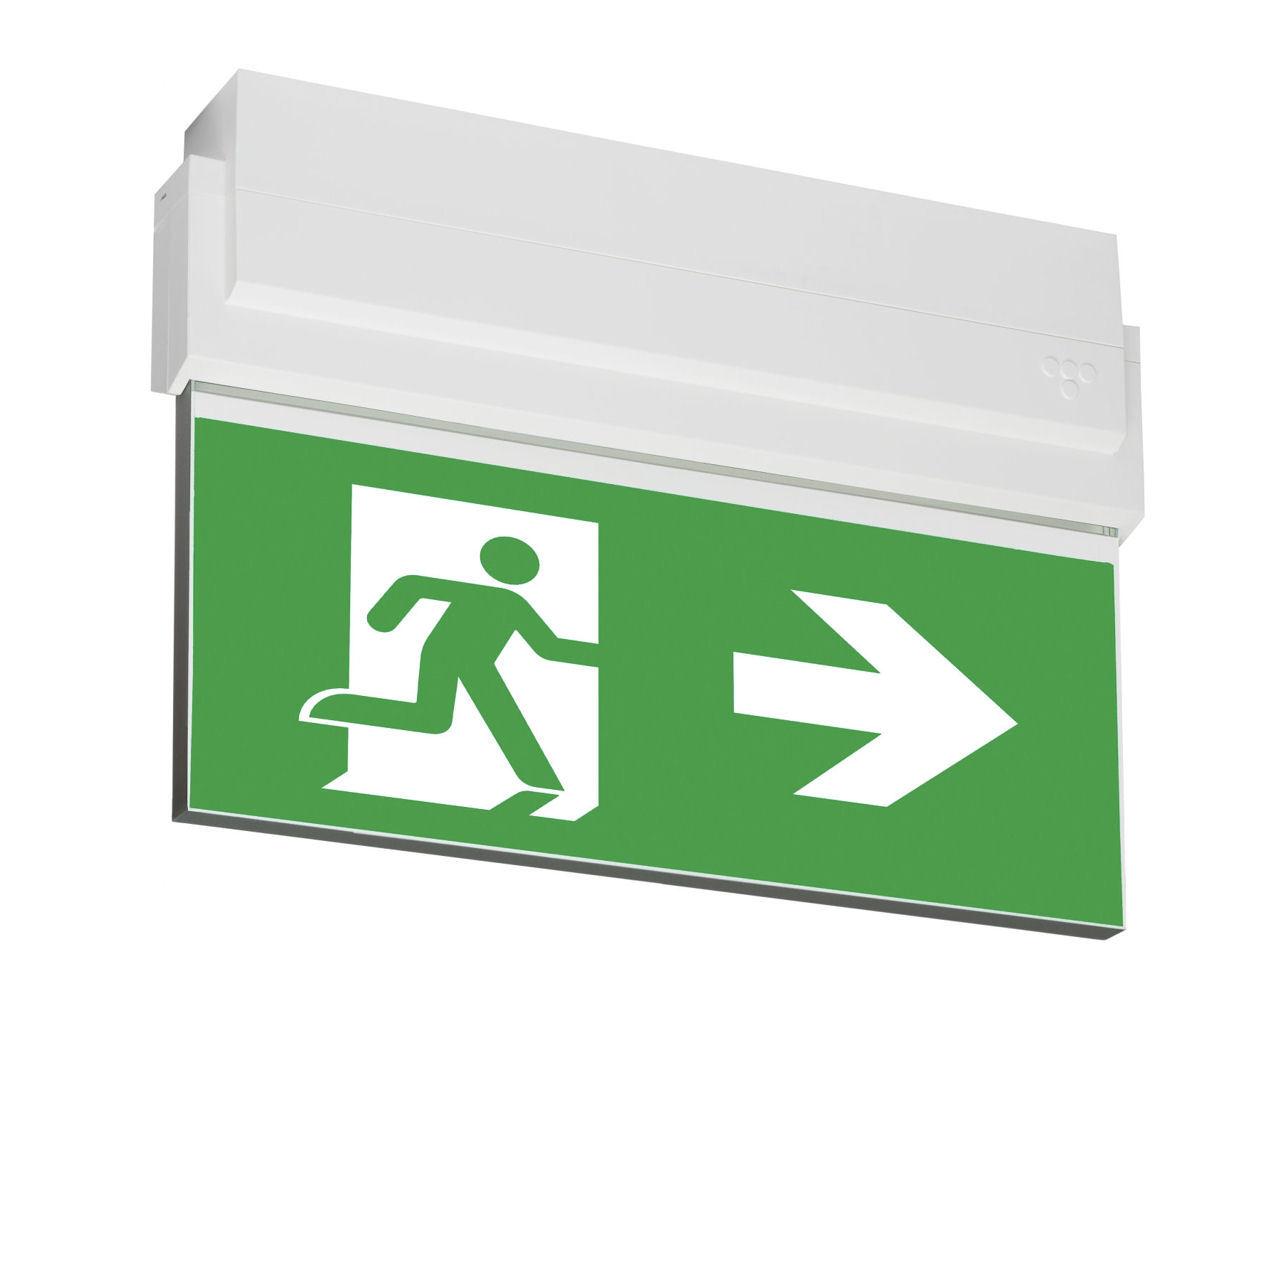 Световые указатели эвакуационного выхода ESC-80 Teknoware